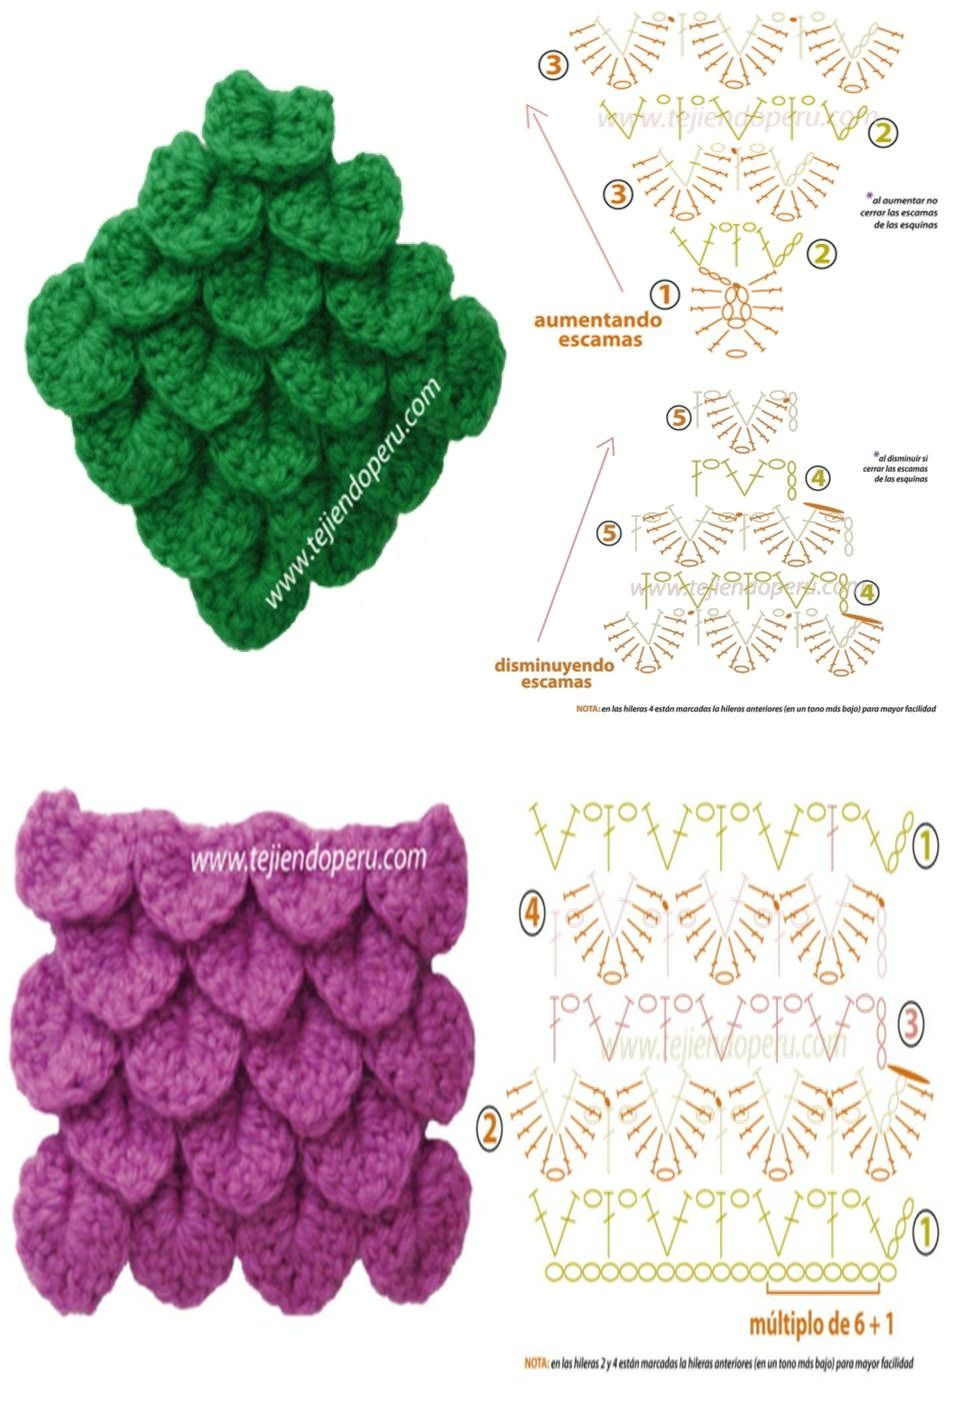 punto escamas o cocodrilo fuente: www.tejiendoperu.com